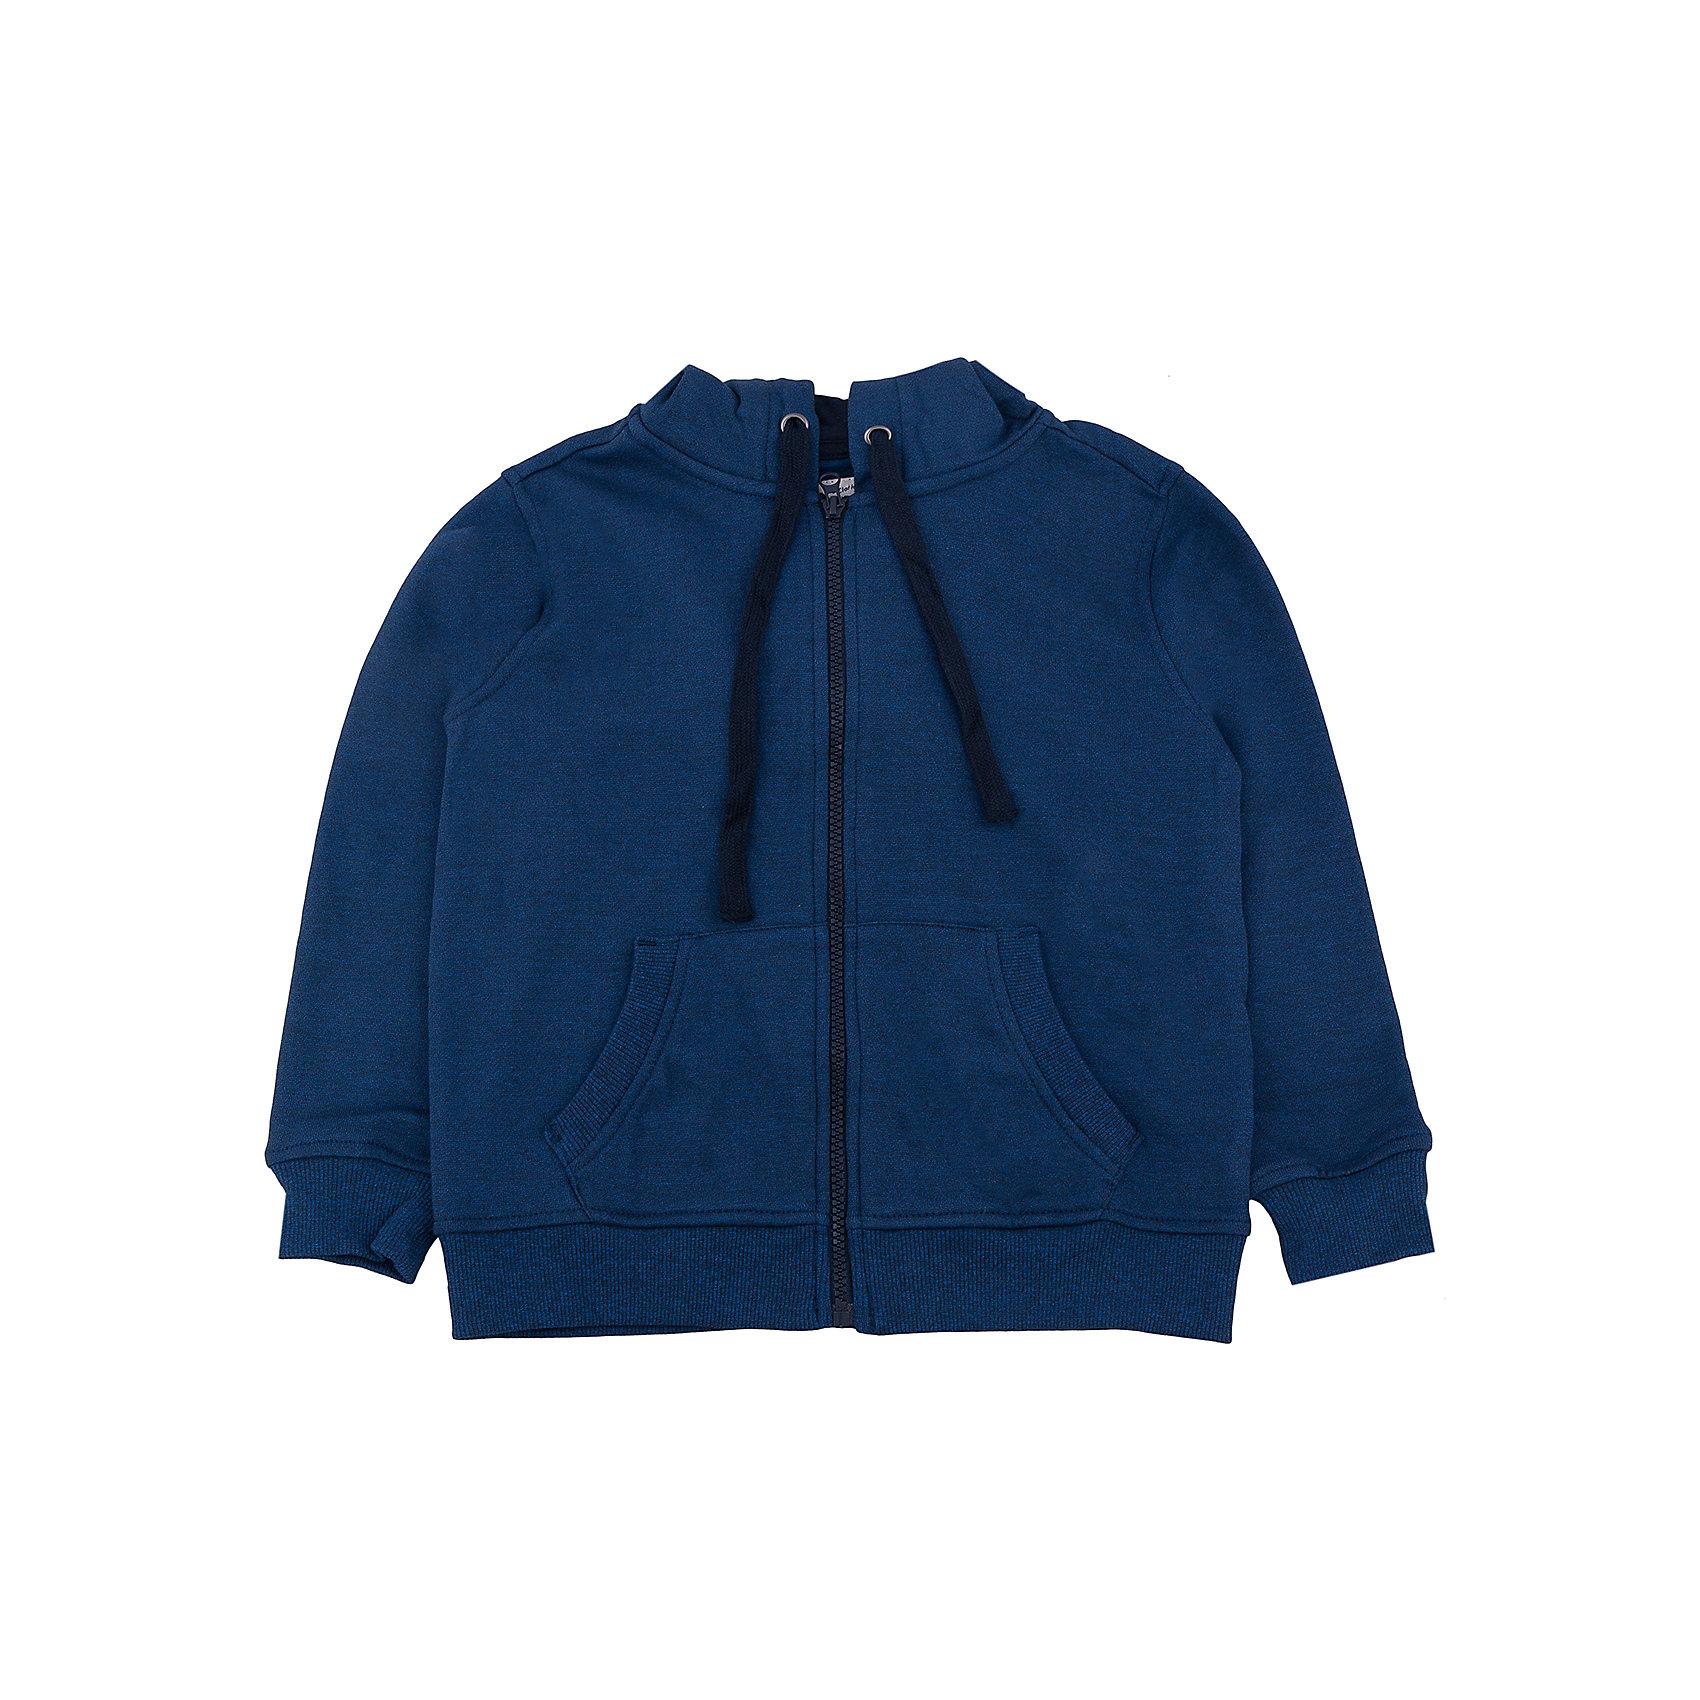 Толстовка для мальчика SELAТолстовки<br>Толстовка для мальчика из коллекции осень-зима 2016-2017 от известного бренда SELA. Удобный жакет с капюшоном подойдет для тренировок и просто на каждый день. Приятный синий цвет и лаконичный дизайн придут по вкусу вашему ребенку. Жакет отлично подойдет как к спортивным штанам, так и к джинсам.<br><br>Дополнительная информация:<br>- Рукав: длинный<br>- Силуэт: свободный<br>- Капюшон: обычный<br>Состав: 60% хлопок, 40% ПЭ<br><br>Жакет для мальчиков Sela можно купить в нашем интернет-магазине.<br><br>Подробнее:<br>• Для детей в возрасте: от 6 до 12 лет<br>• Номер товара: 4913405<br>Страна производитель: Китай<br><br>Ширина мм: 190<br>Глубина мм: 74<br>Высота мм: 229<br>Вес г: 236<br>Цвет: синий<br>Возраст от месяцев: 72<br>Возраст до месяцев: 84<br>Пол: Мужской<br>Возраст: Детский<br>Размер: 146,152,122,116,134,140,128<br>SKU: 4913404